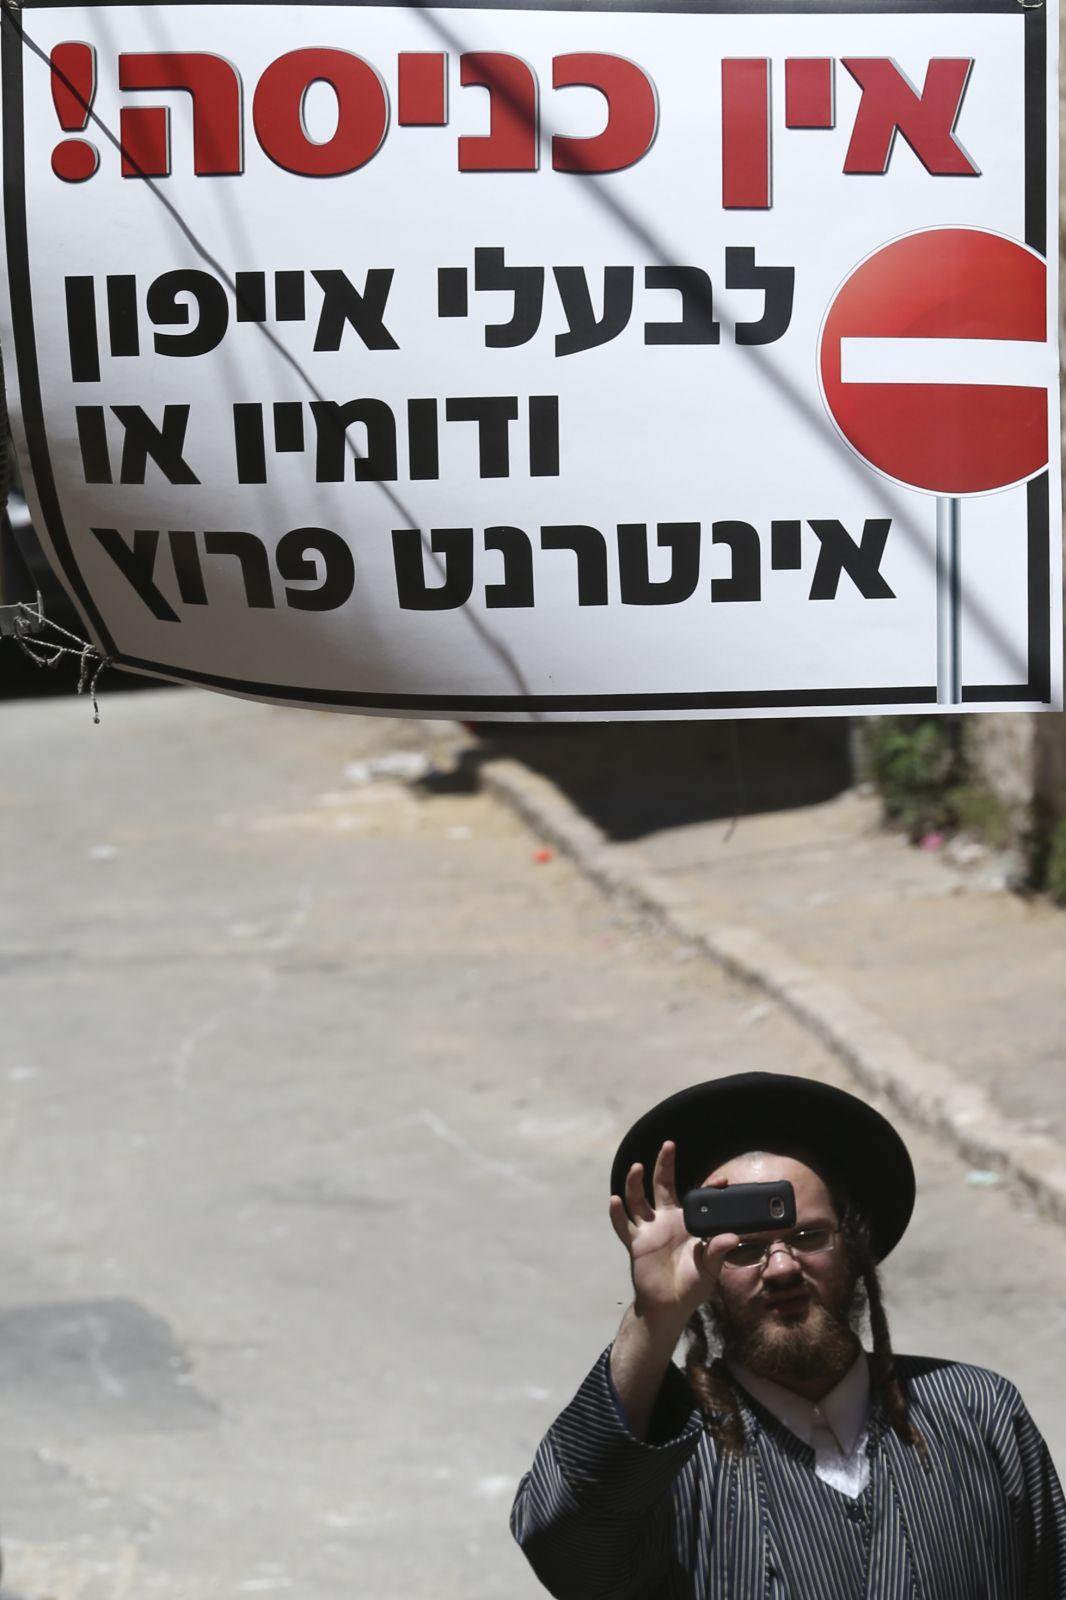 """""""אייפון ודומיו או אינטרנט פרוץ"""". ירושלים, 4.7.13 (צילום: נתי שוחט)"""